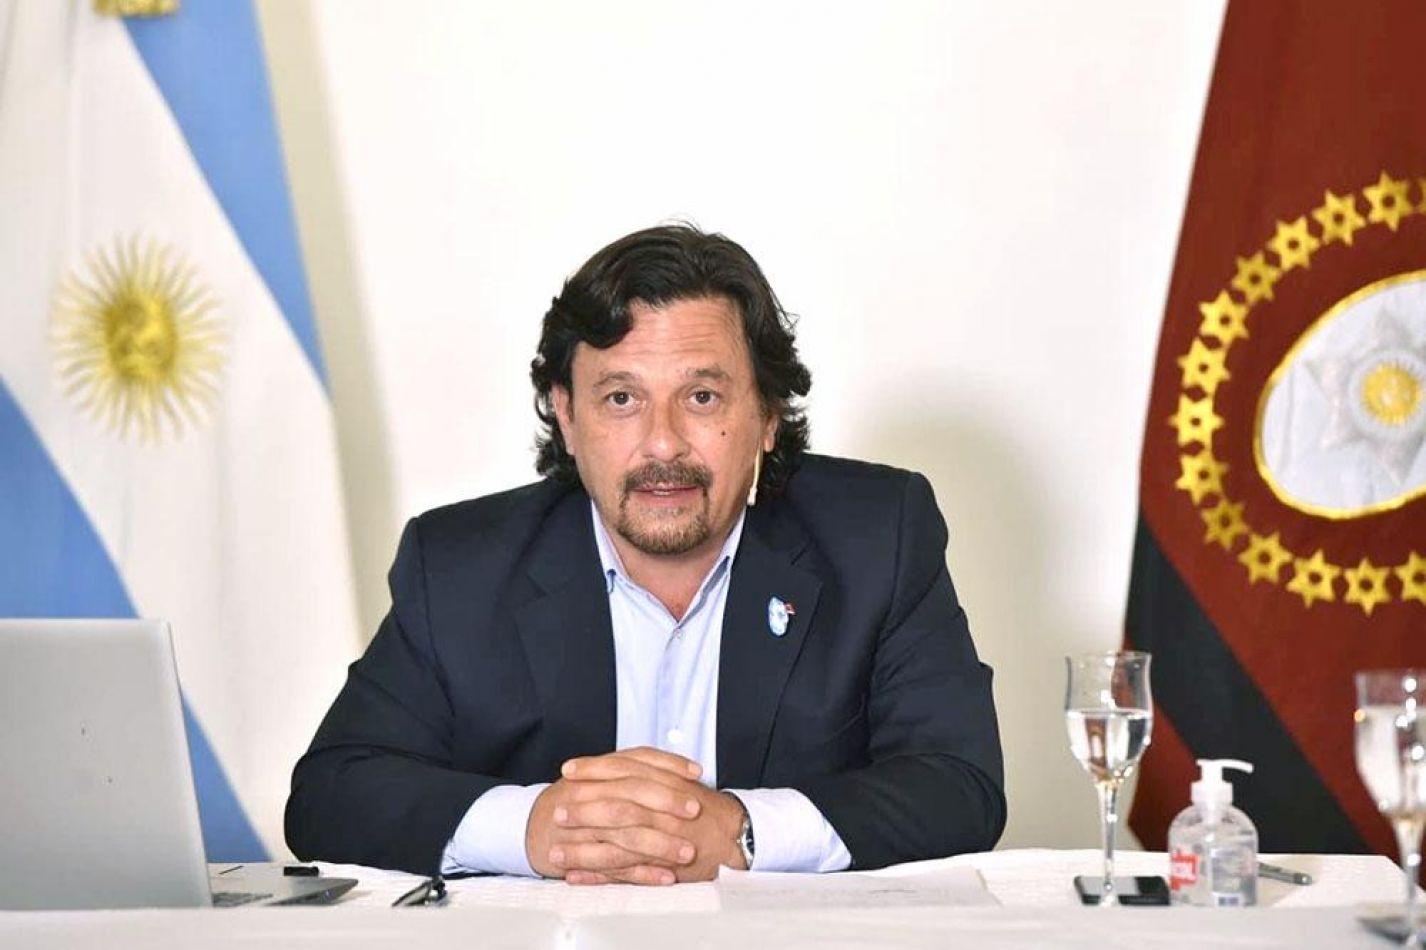 Sáenz se refirió al resultado de las elecciones y dijo que se trata de una enseñanza que deja el pueblo a los gobernantes